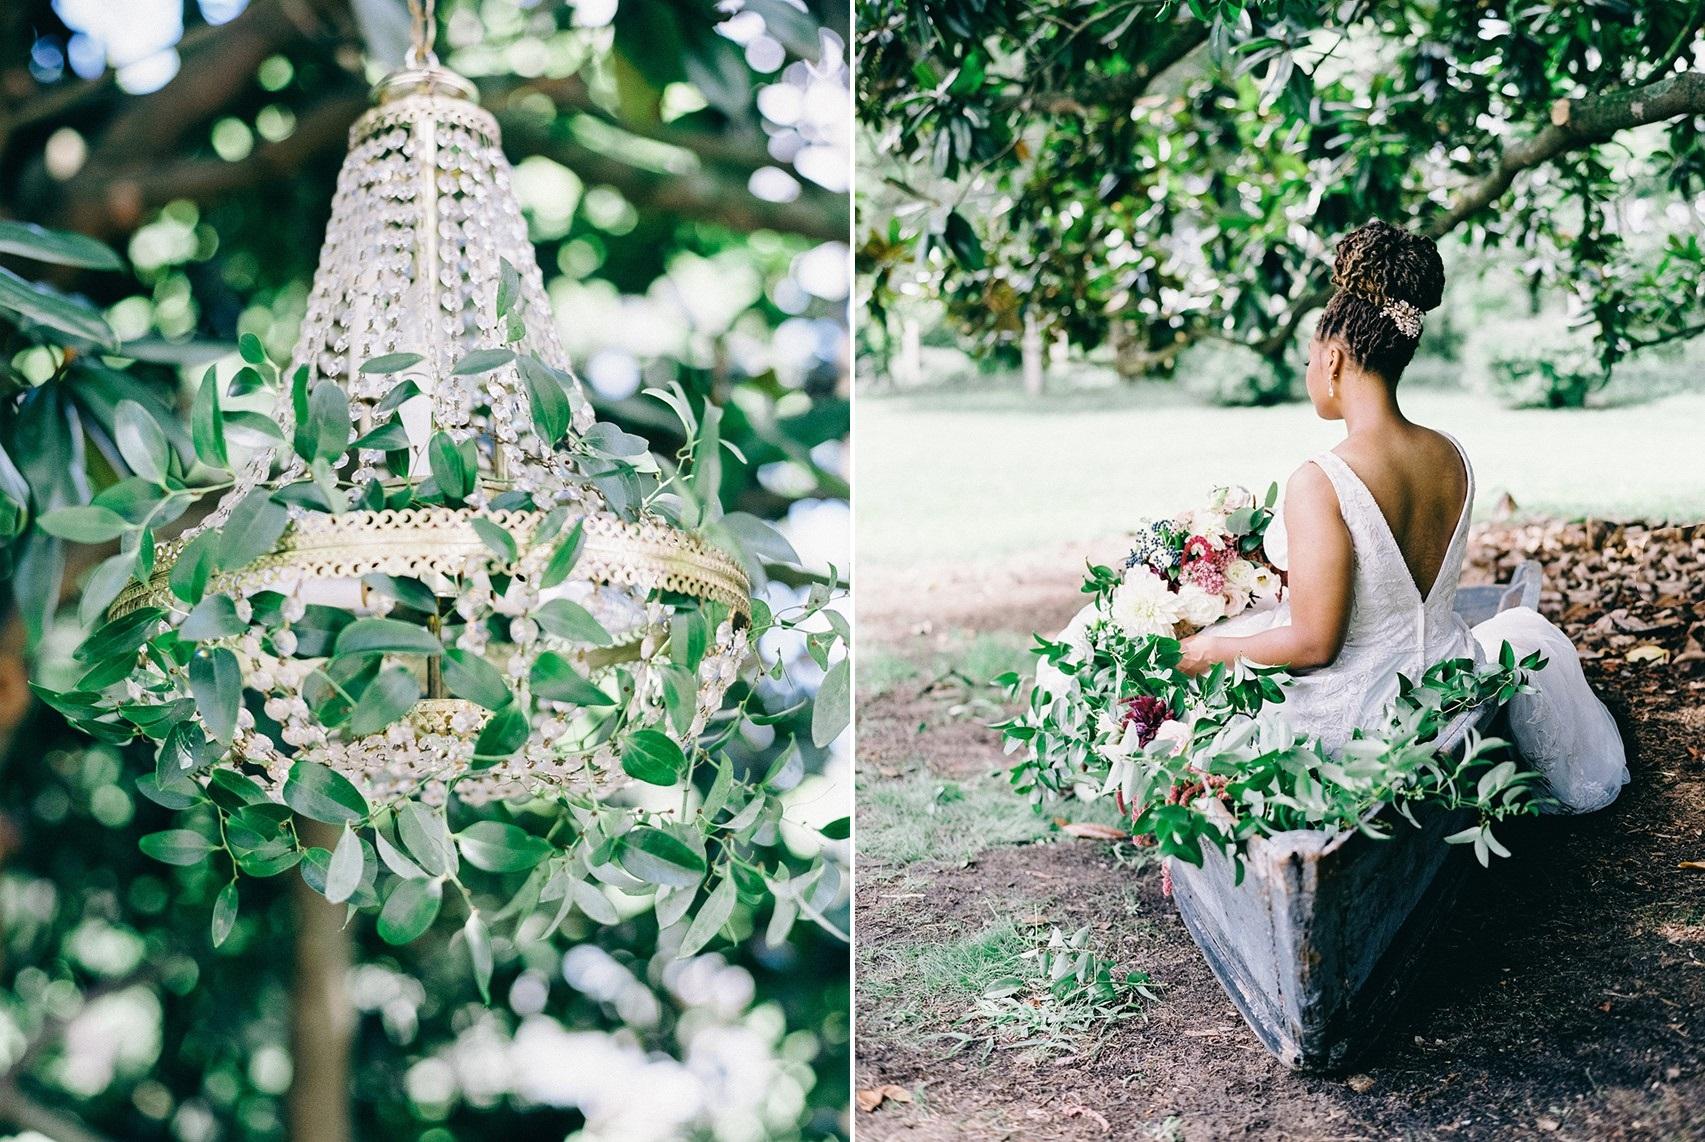 Opulent Bridal Looks from Oleg Cassini